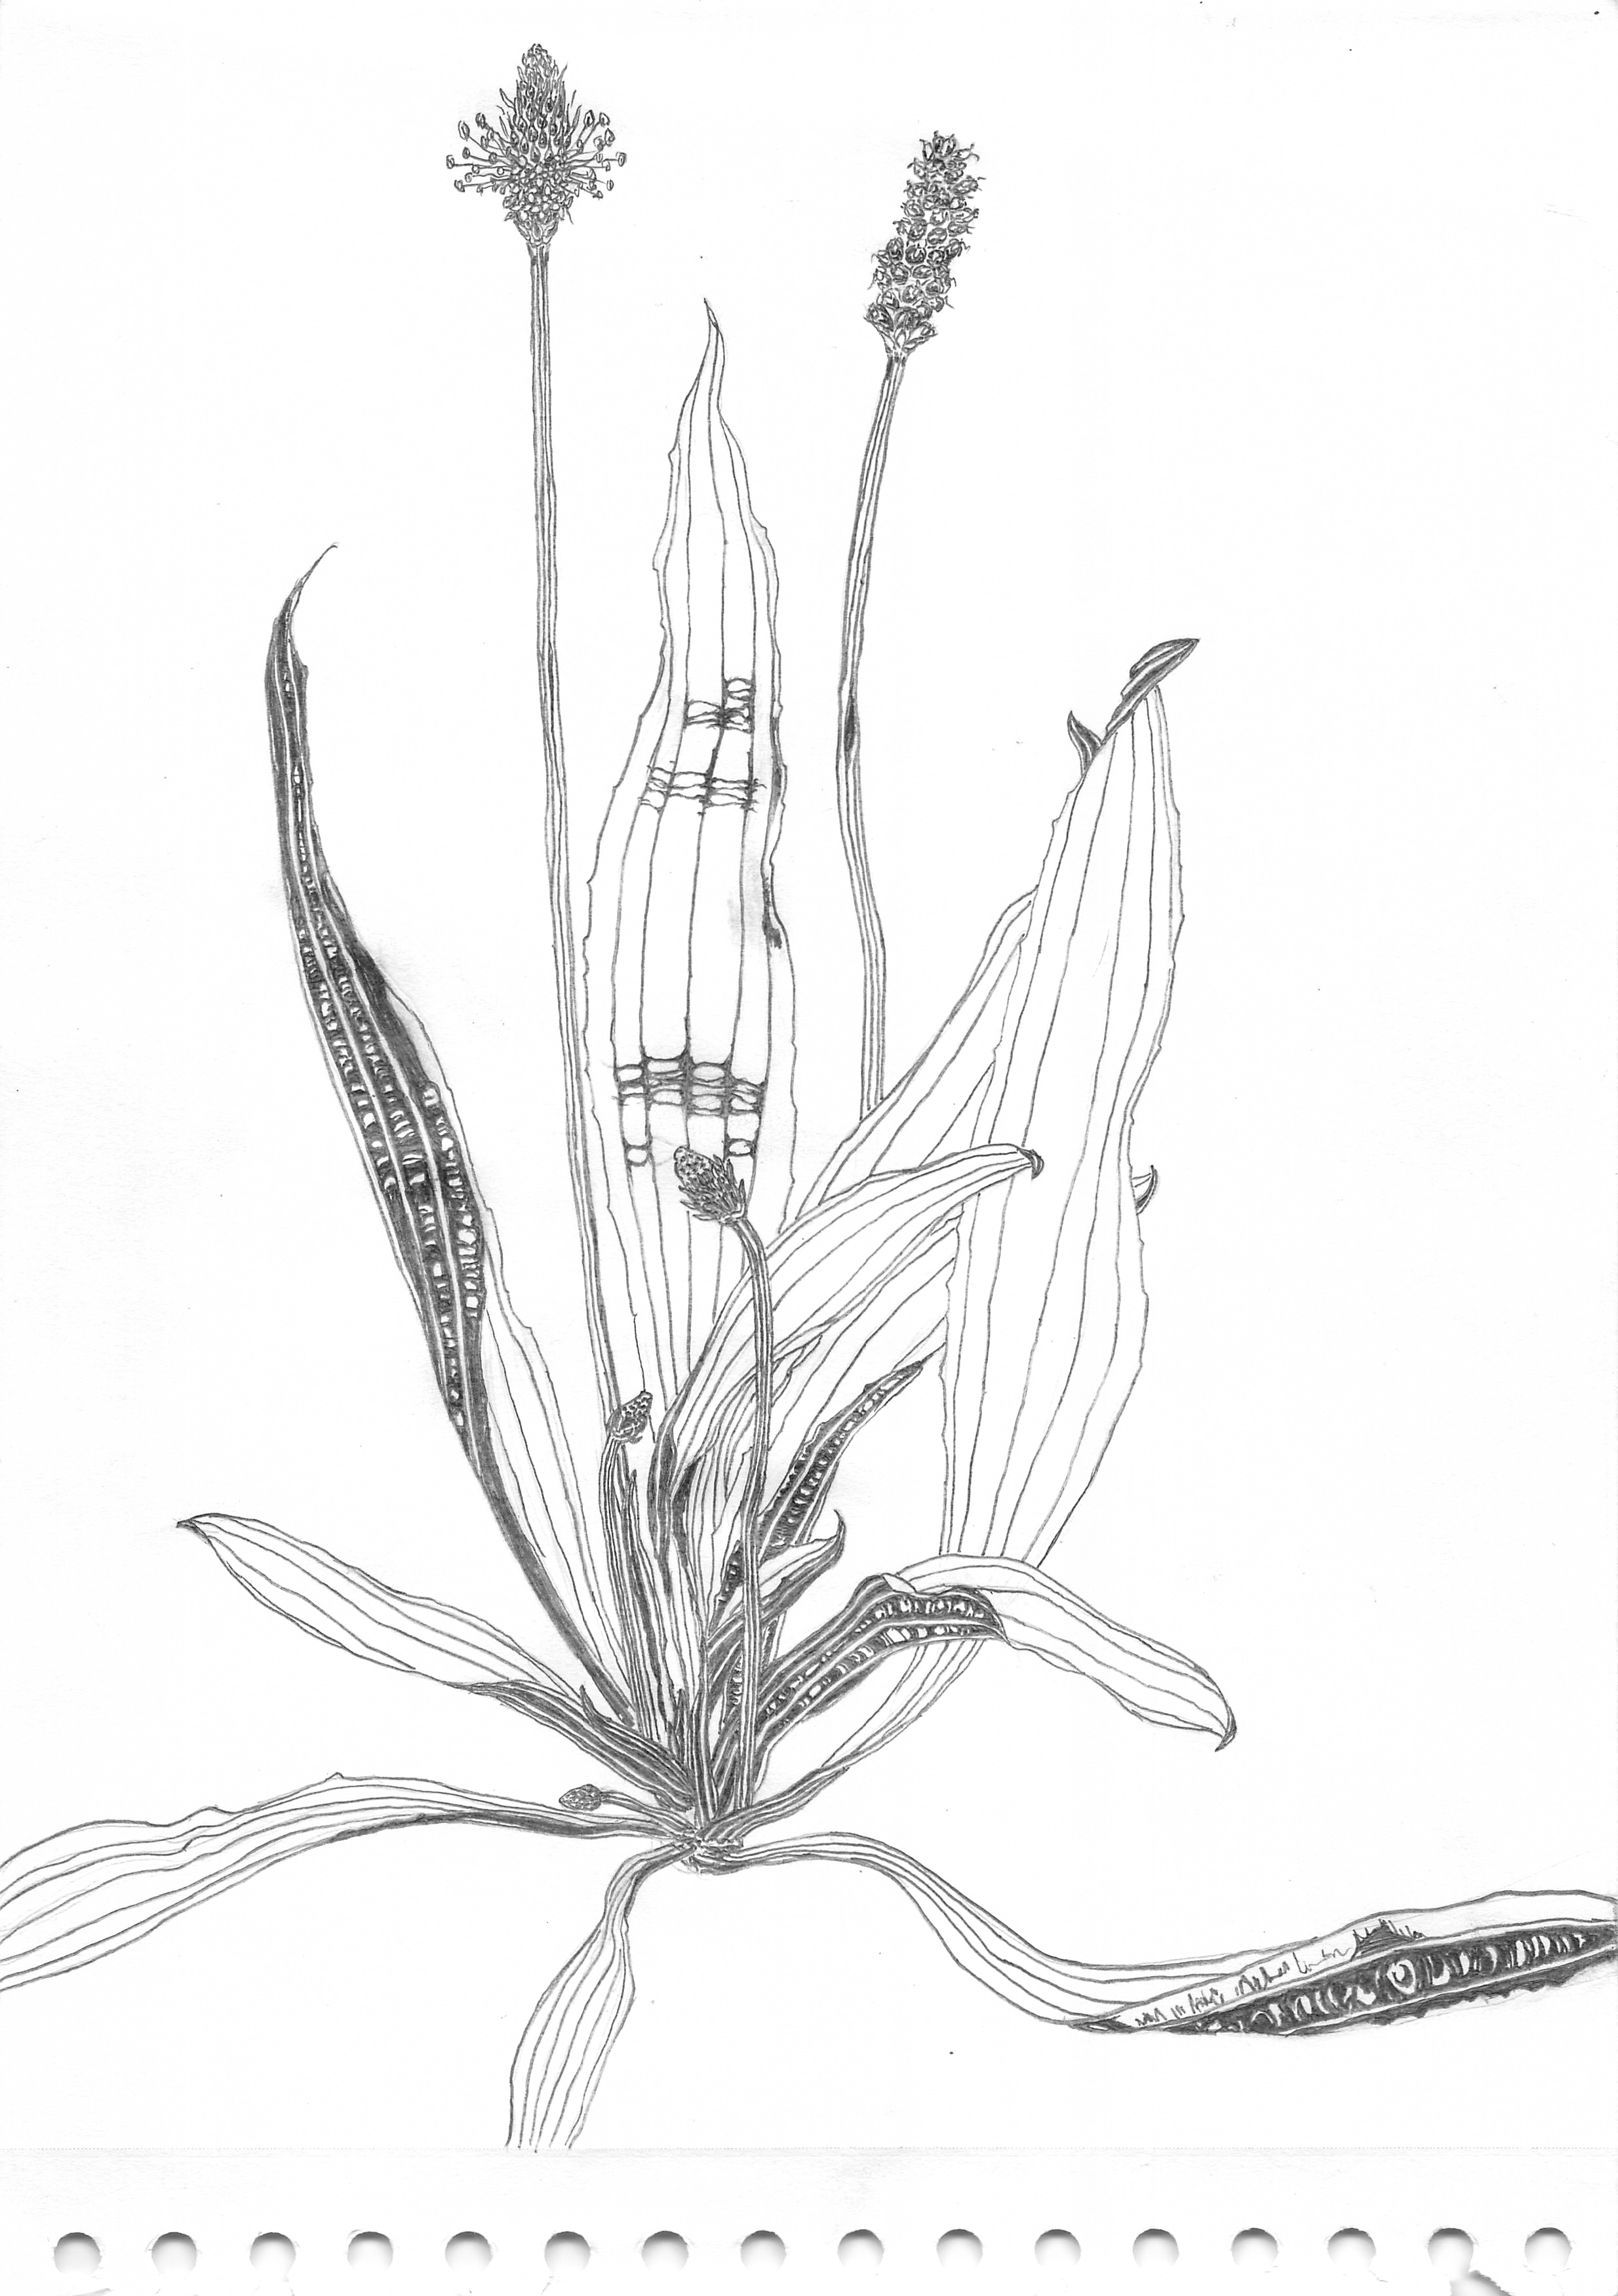 Pflanzenportrait (600 dpi) 07